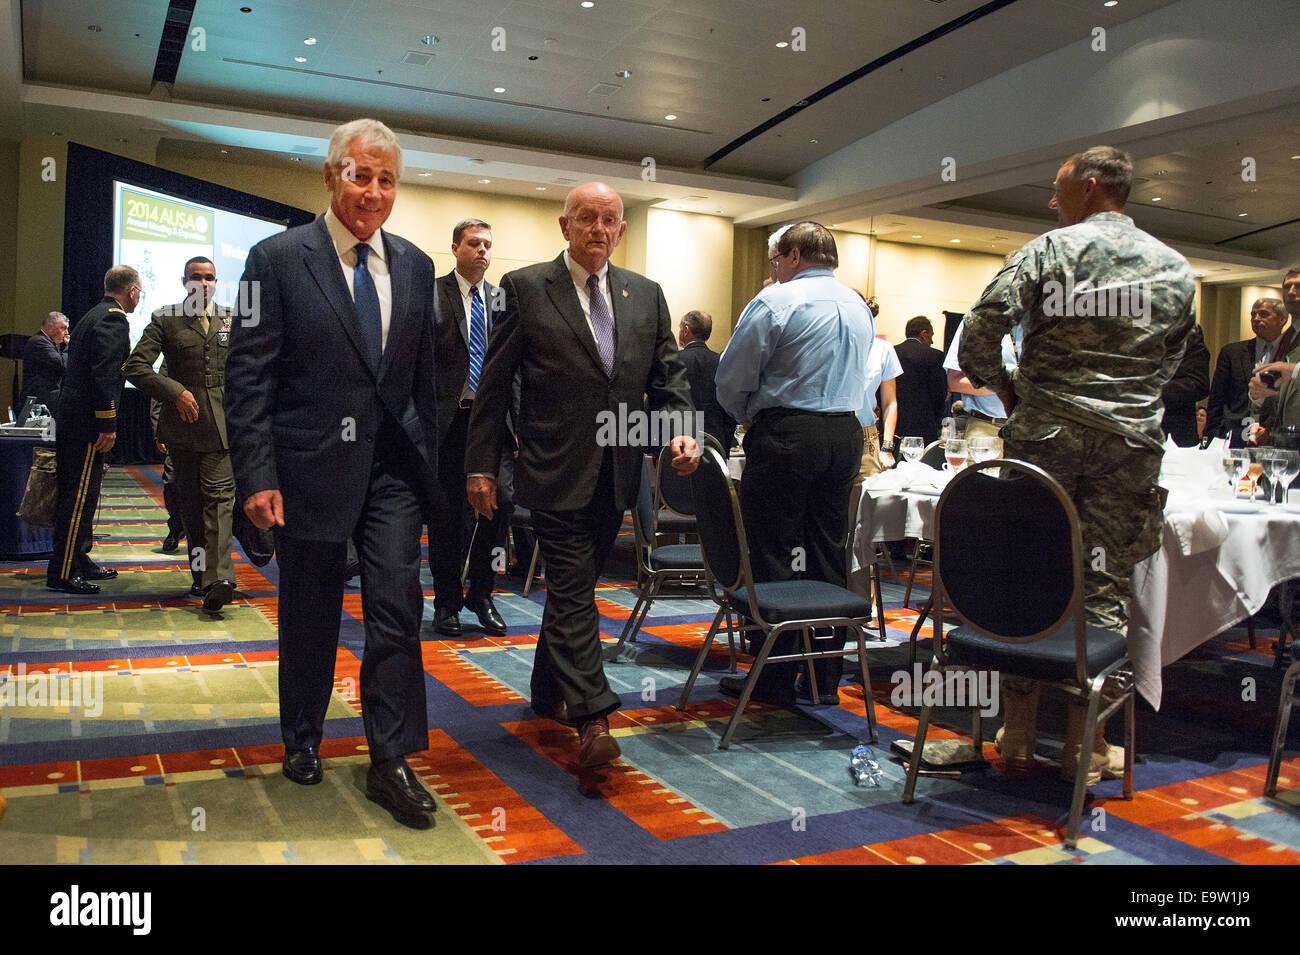 Asociación del Ejército de los Estados Unidos (AUSA) Presidente y Chief Executive Officer de jubilados Imagen De Stock